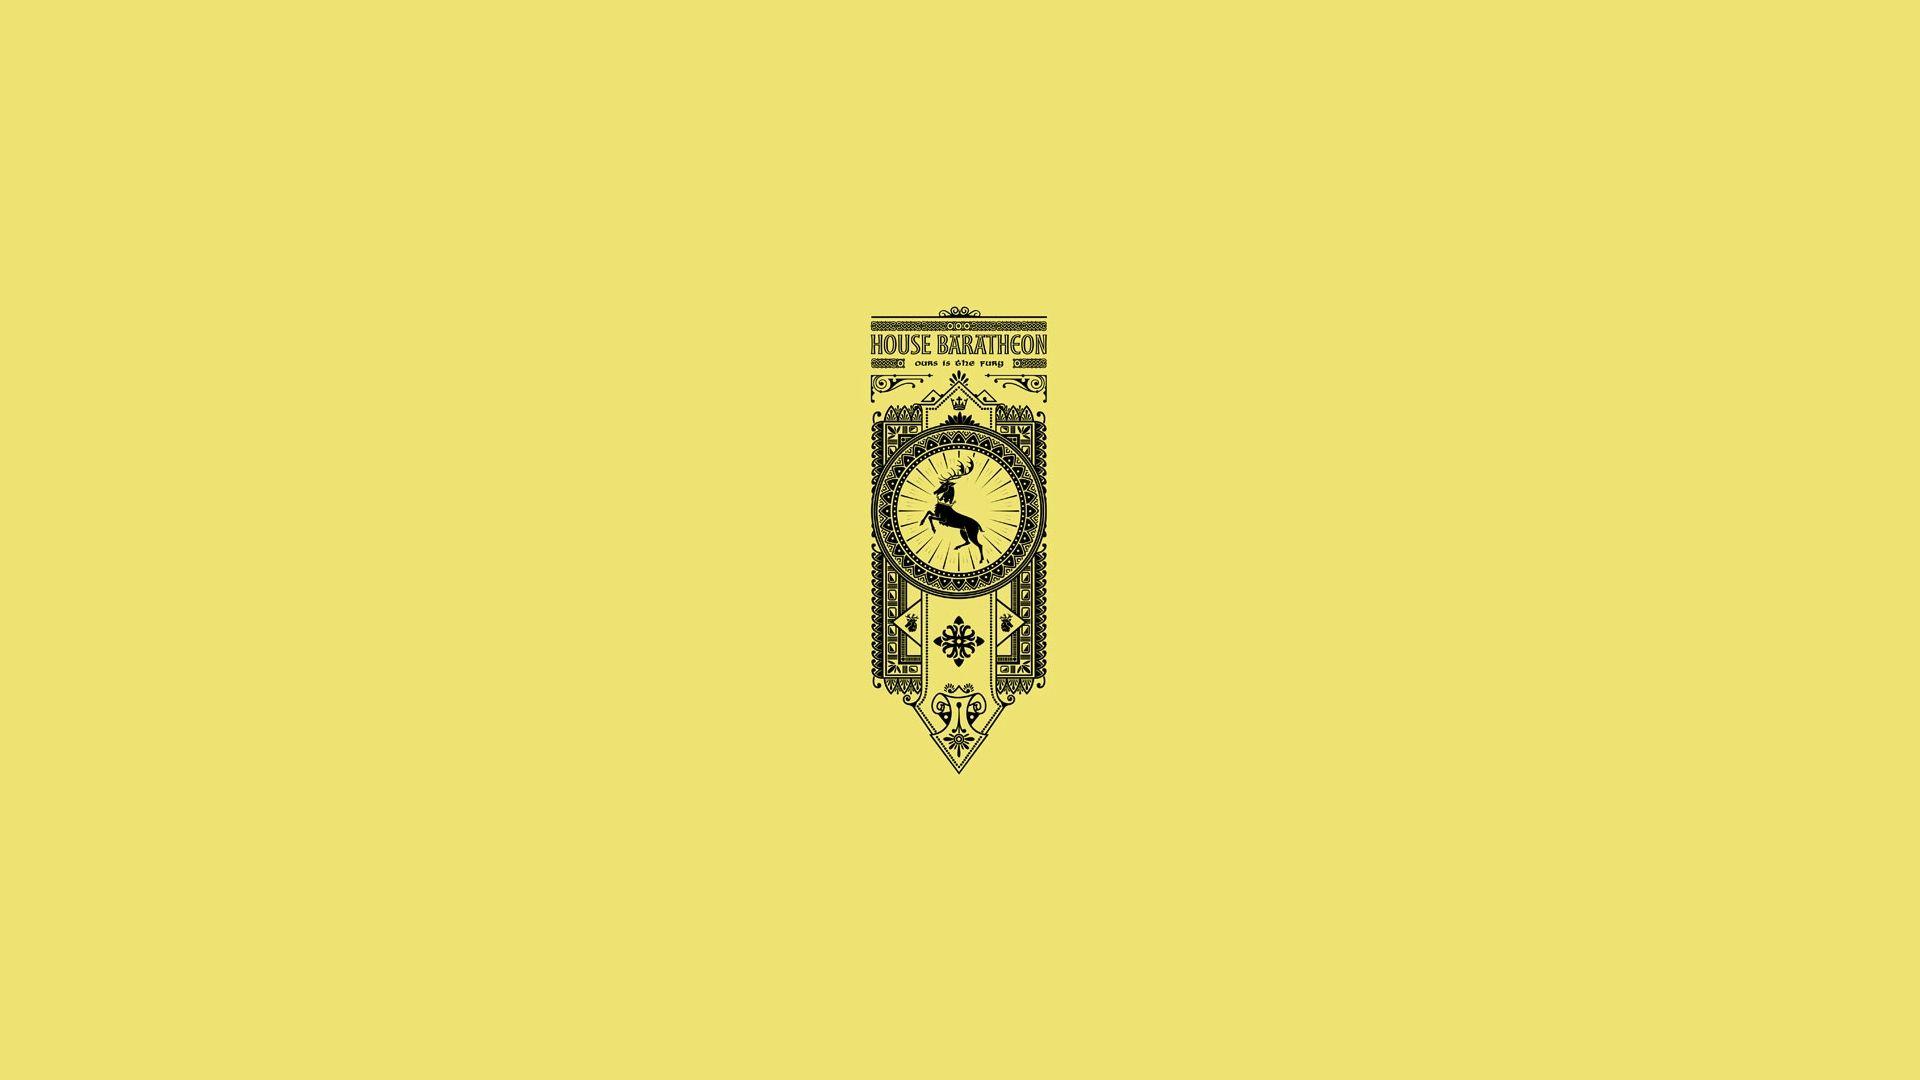 Game of Thrones House Baratheon minimalist banner